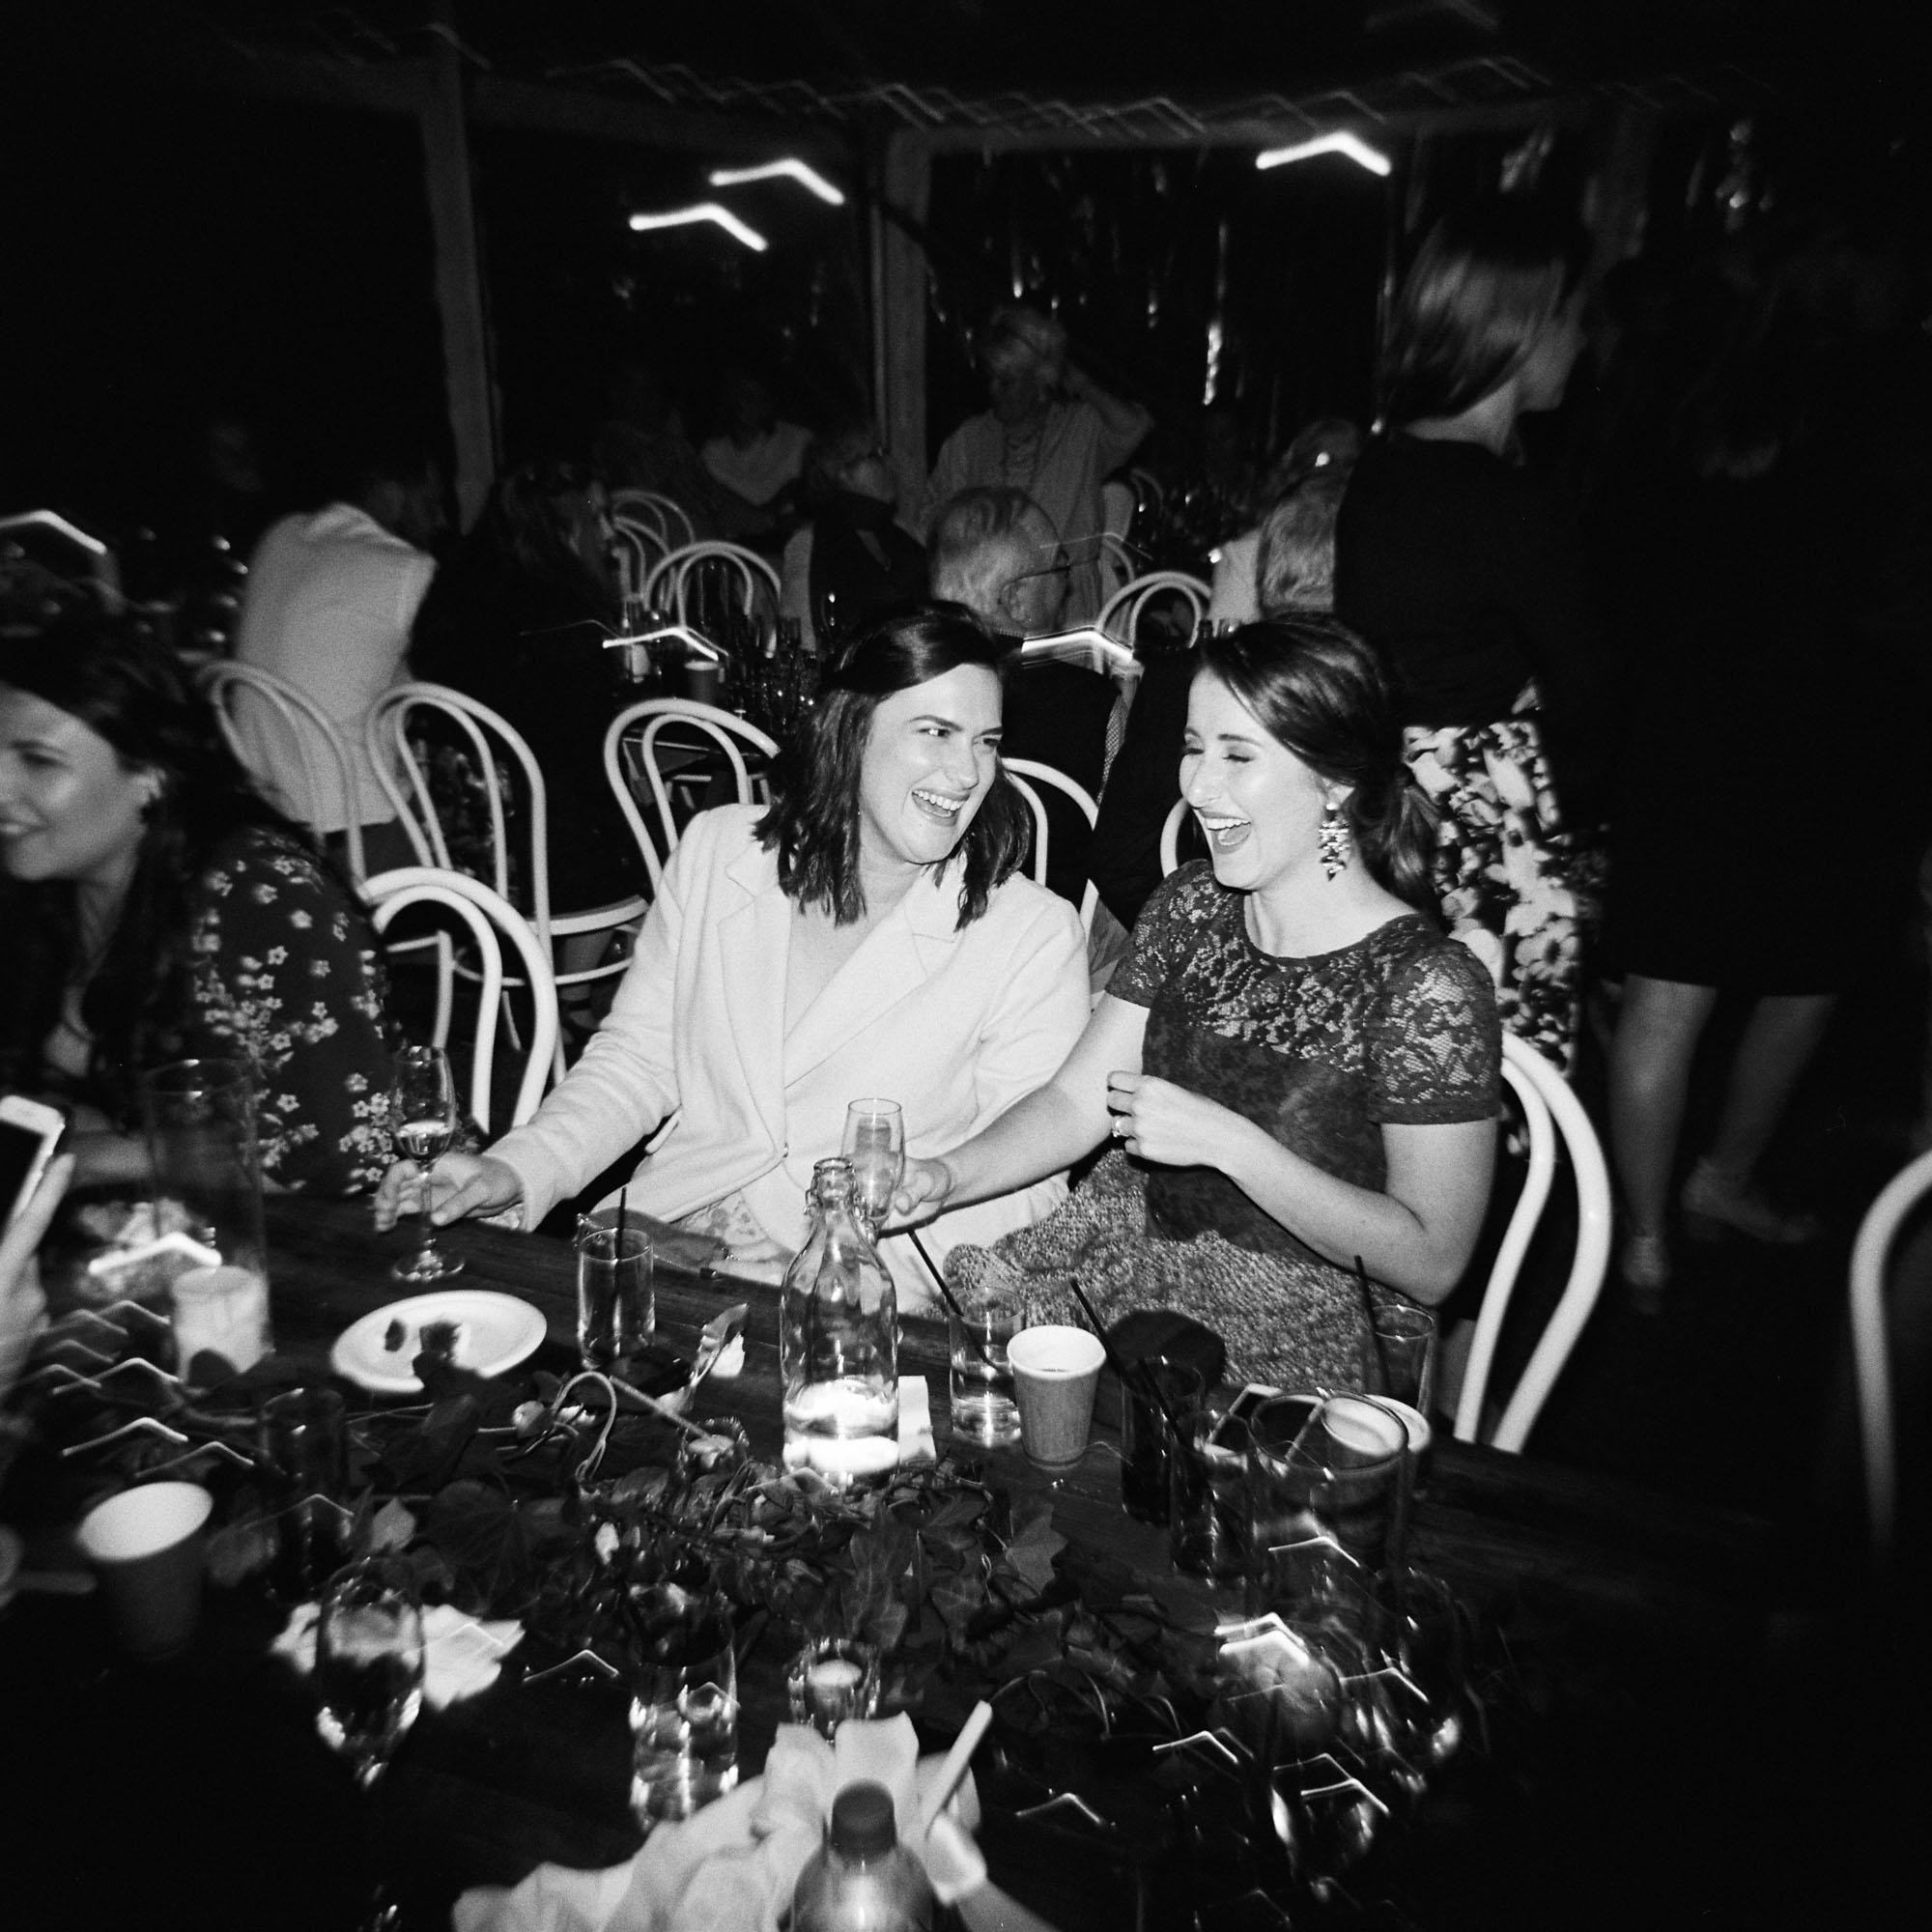 Whitehouse-hahndorf-wedding-photography-120.jpg